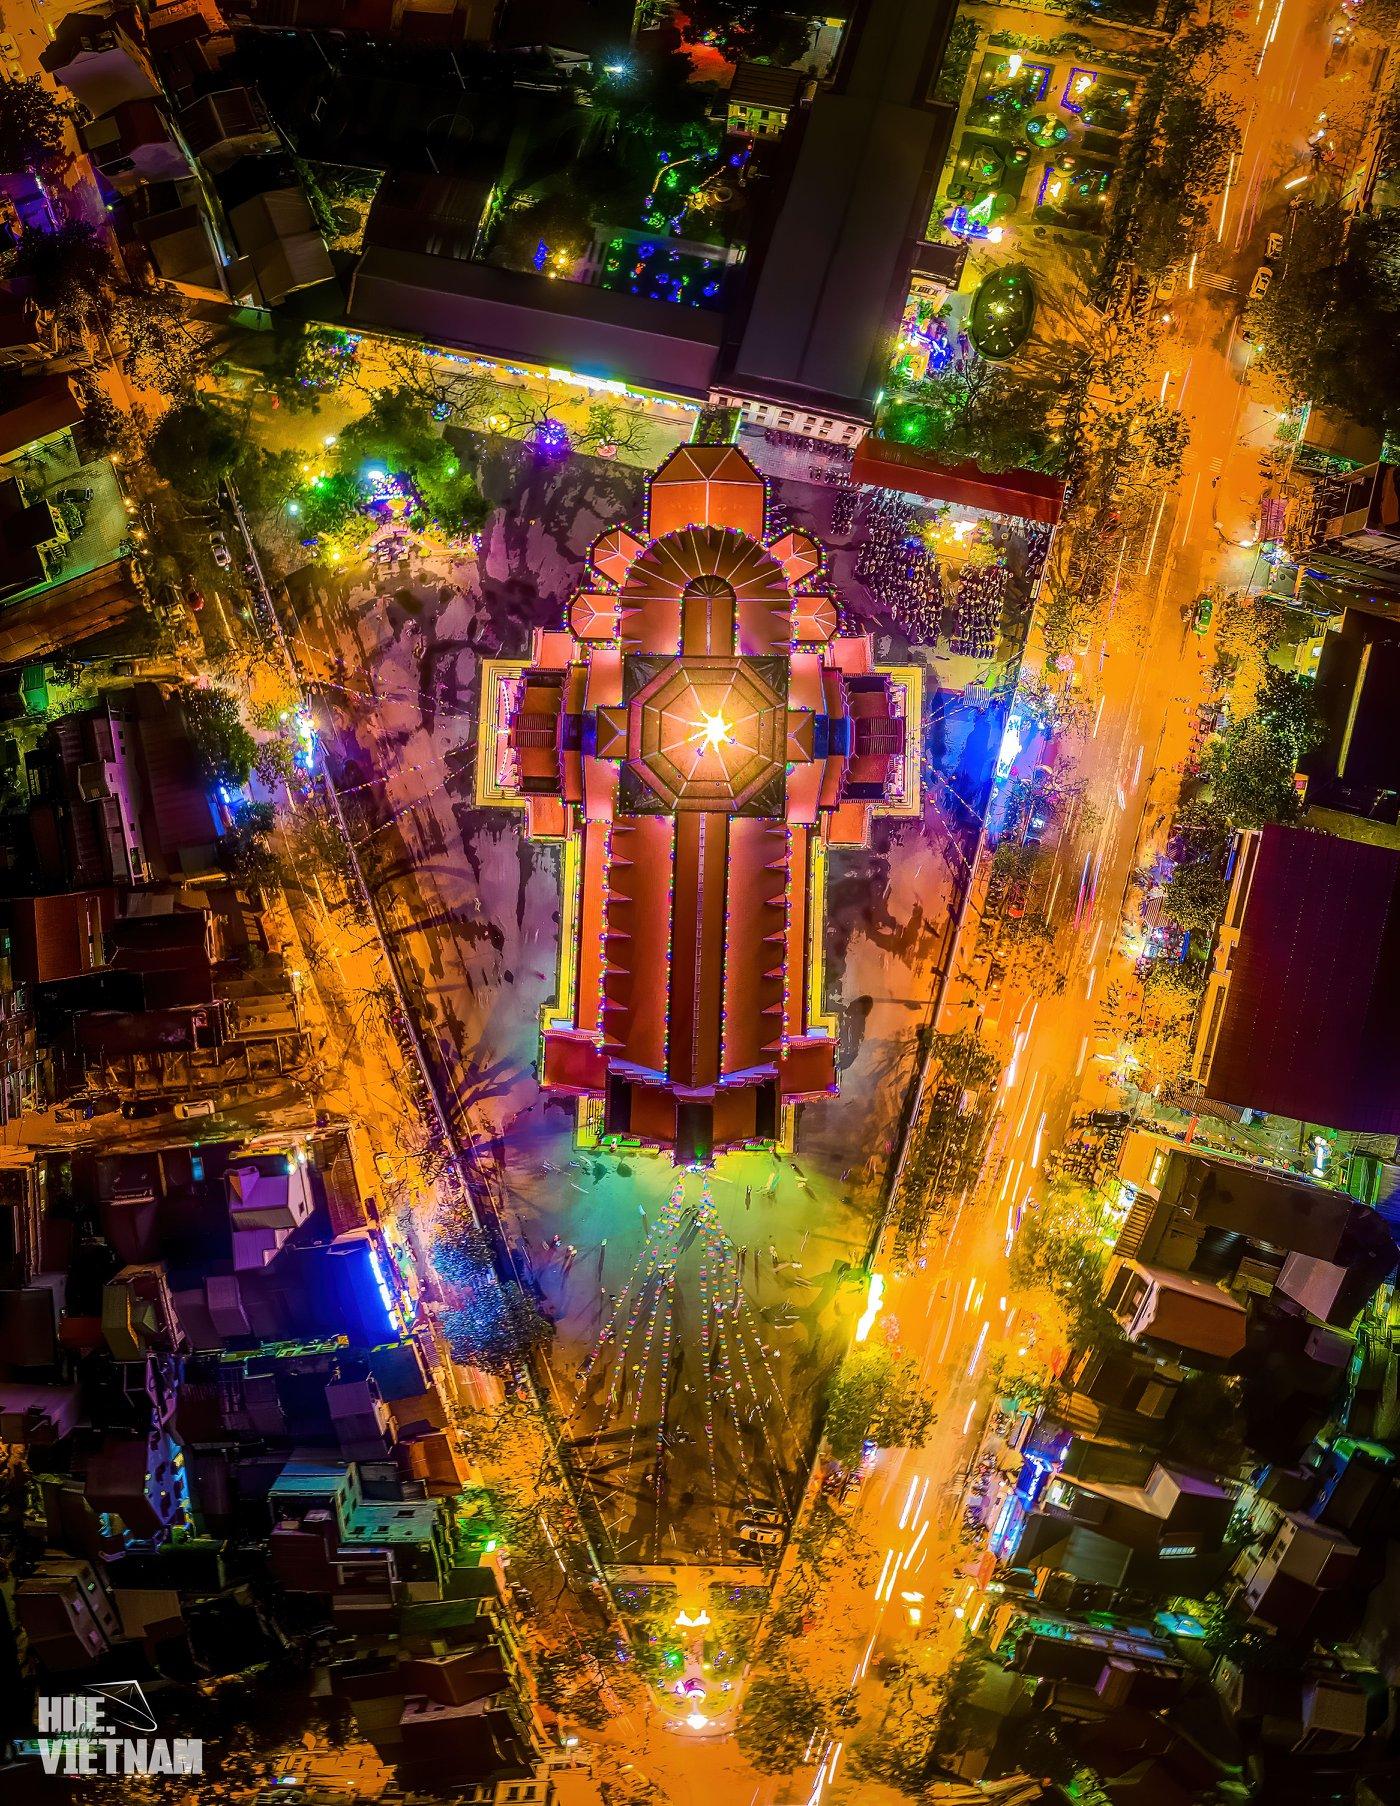 Toàn cảnh nhà thờ Dòng Chúa Cứu Thế trong đêm Giáng Sinh. Hình: Hue, truly Vietnam